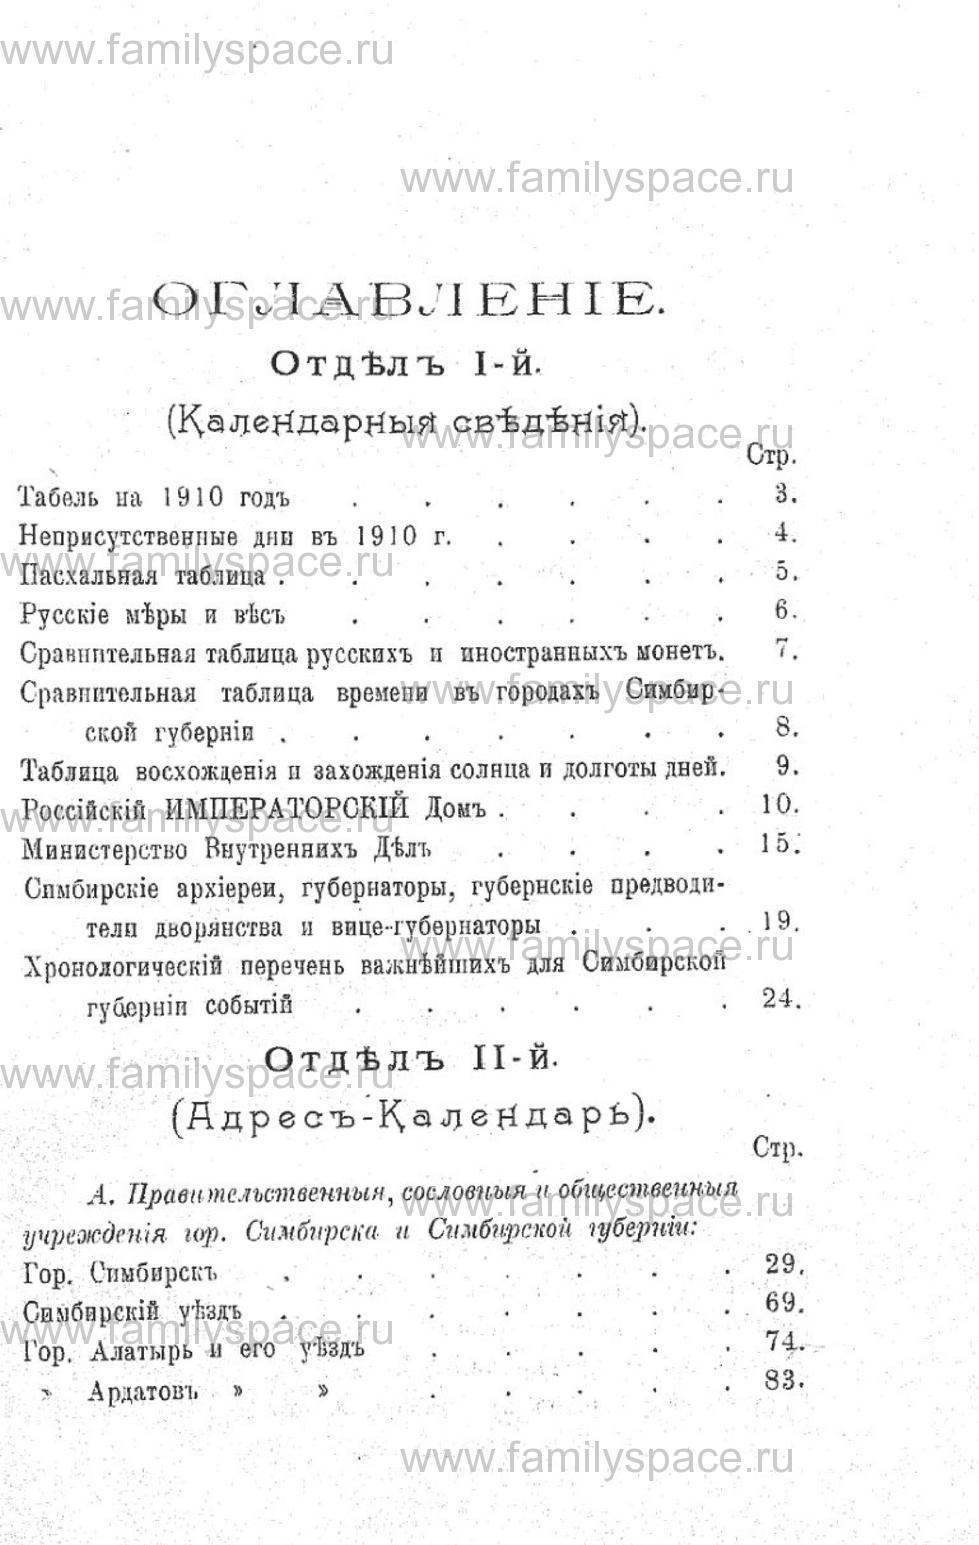 Поиск по фамилии - Памятная книжка и адрес-календарь Симбирской губернии на 1910 год, страница 1